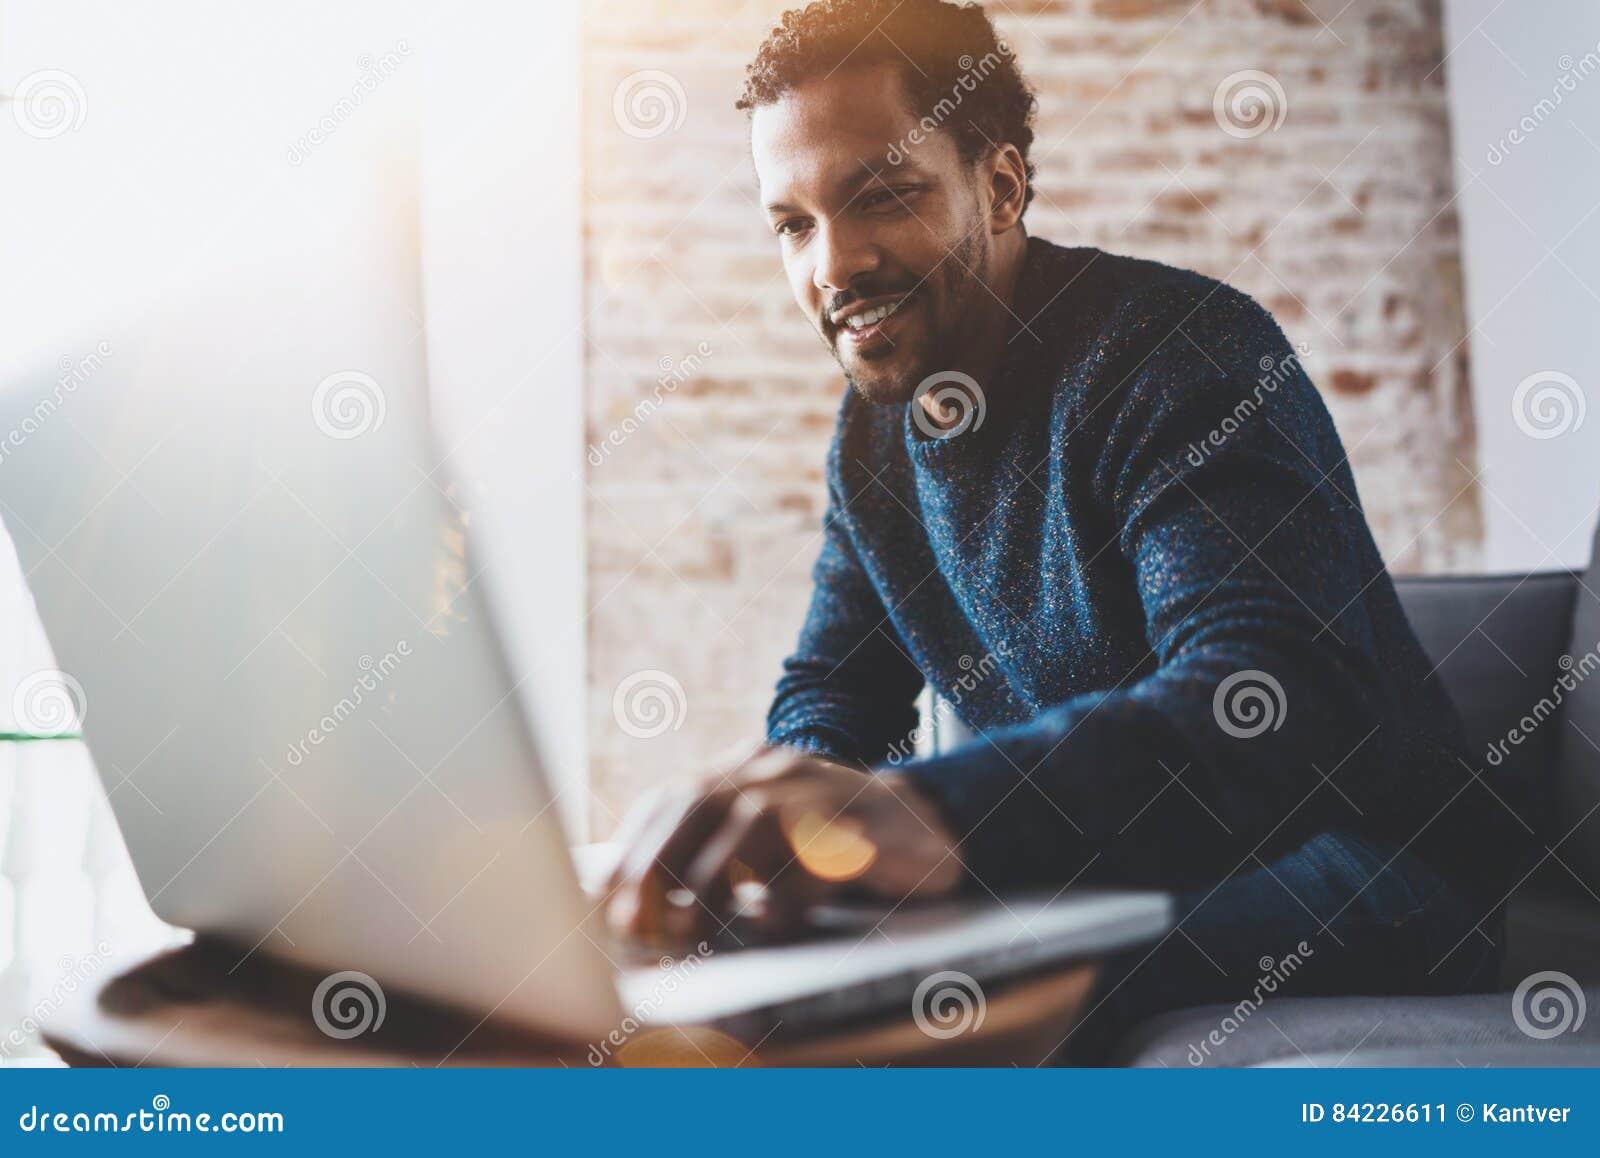 Hombre africano alegre que usa el ordenador y sonriendo mientras que se sienta en el sofá Concepto de hombres de negocios jovenes